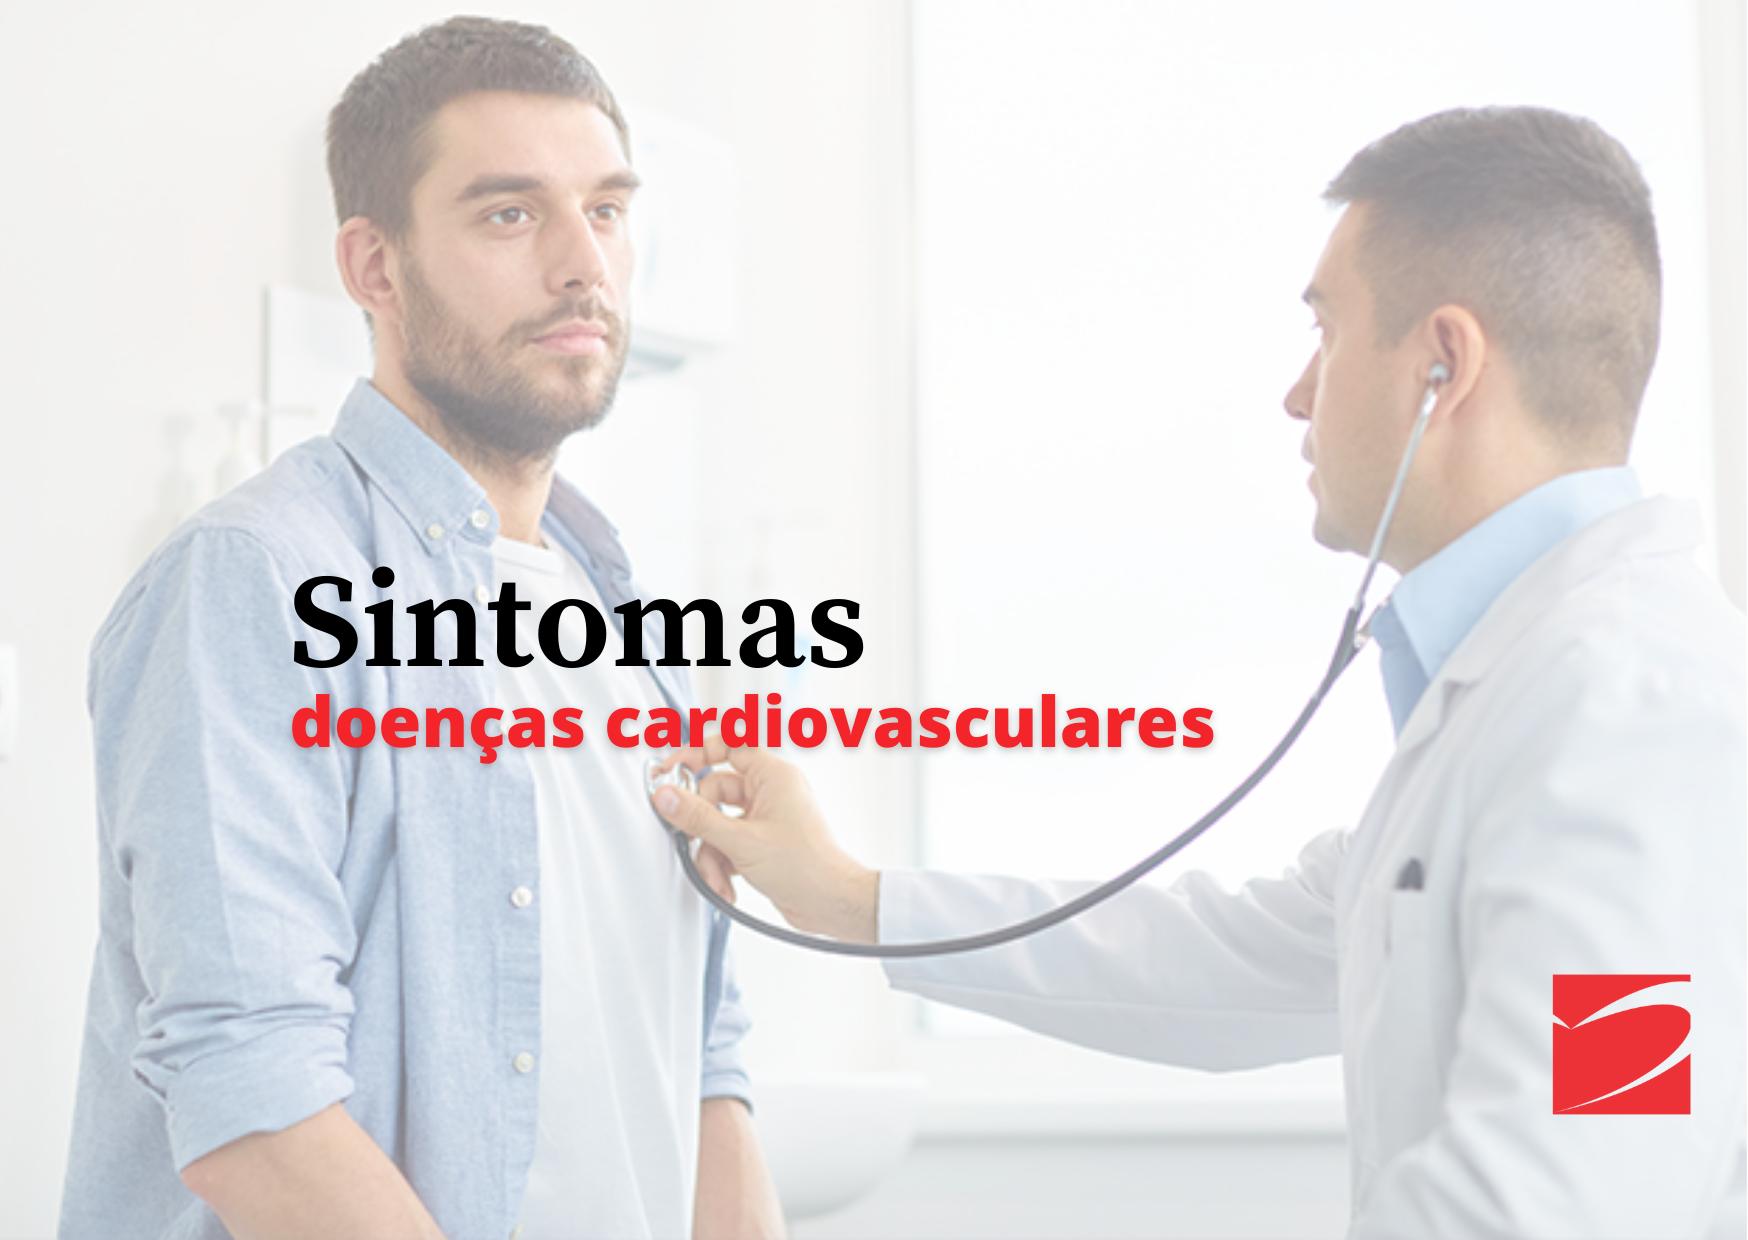 Sintomas das doenças cardiovasculares